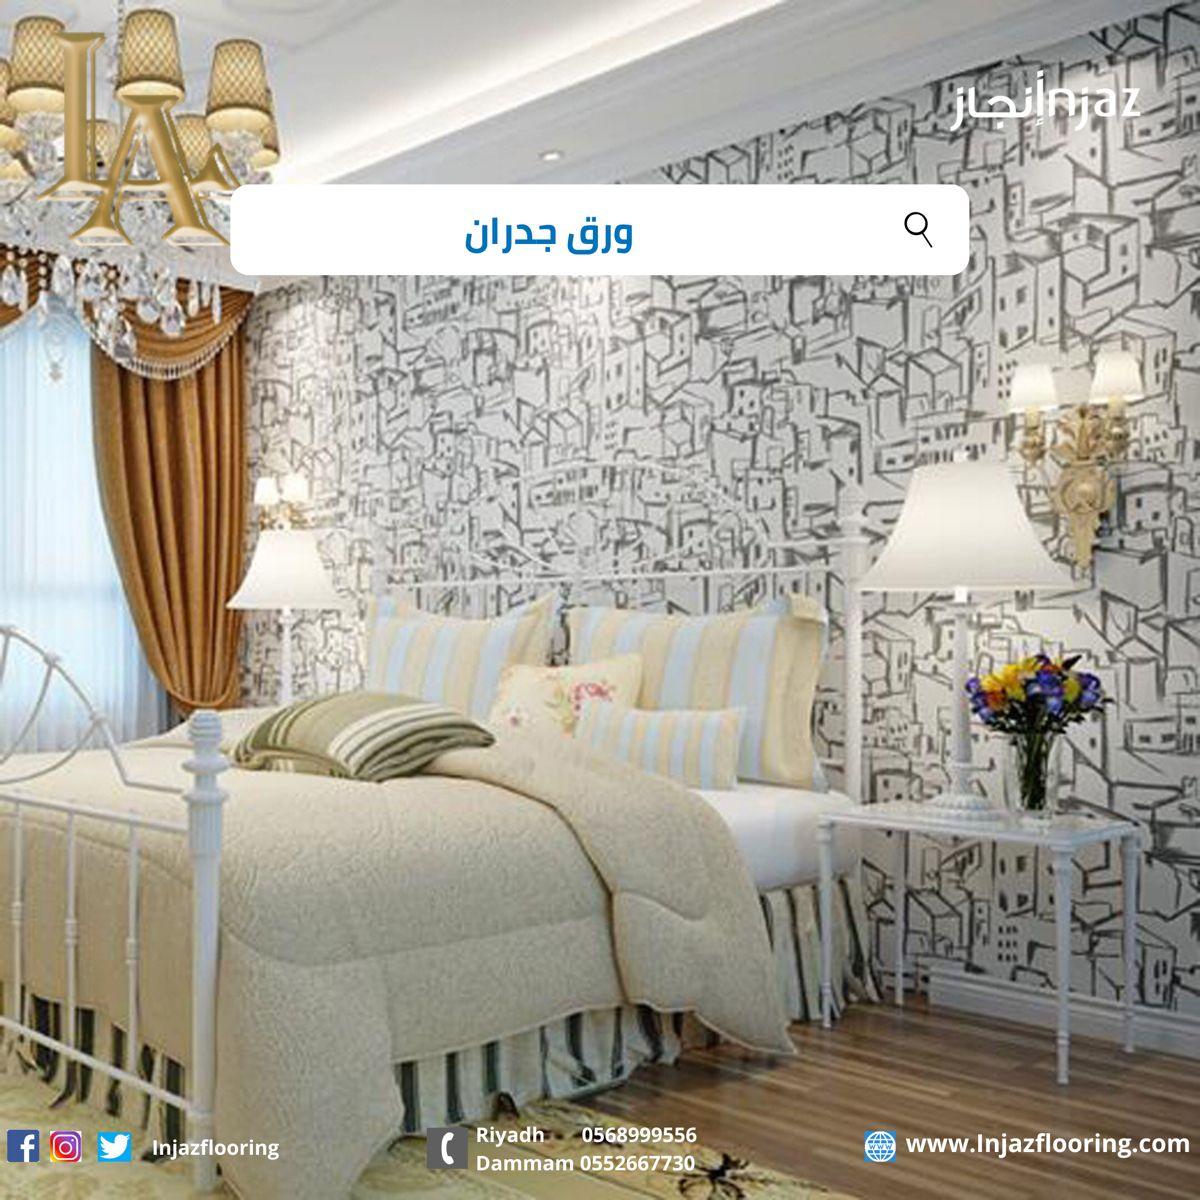 منتجات مختلفة من شركة إنجاز Bedroom Wall Designs Wallpaper Walls Bedroom Wall Decor Living Room